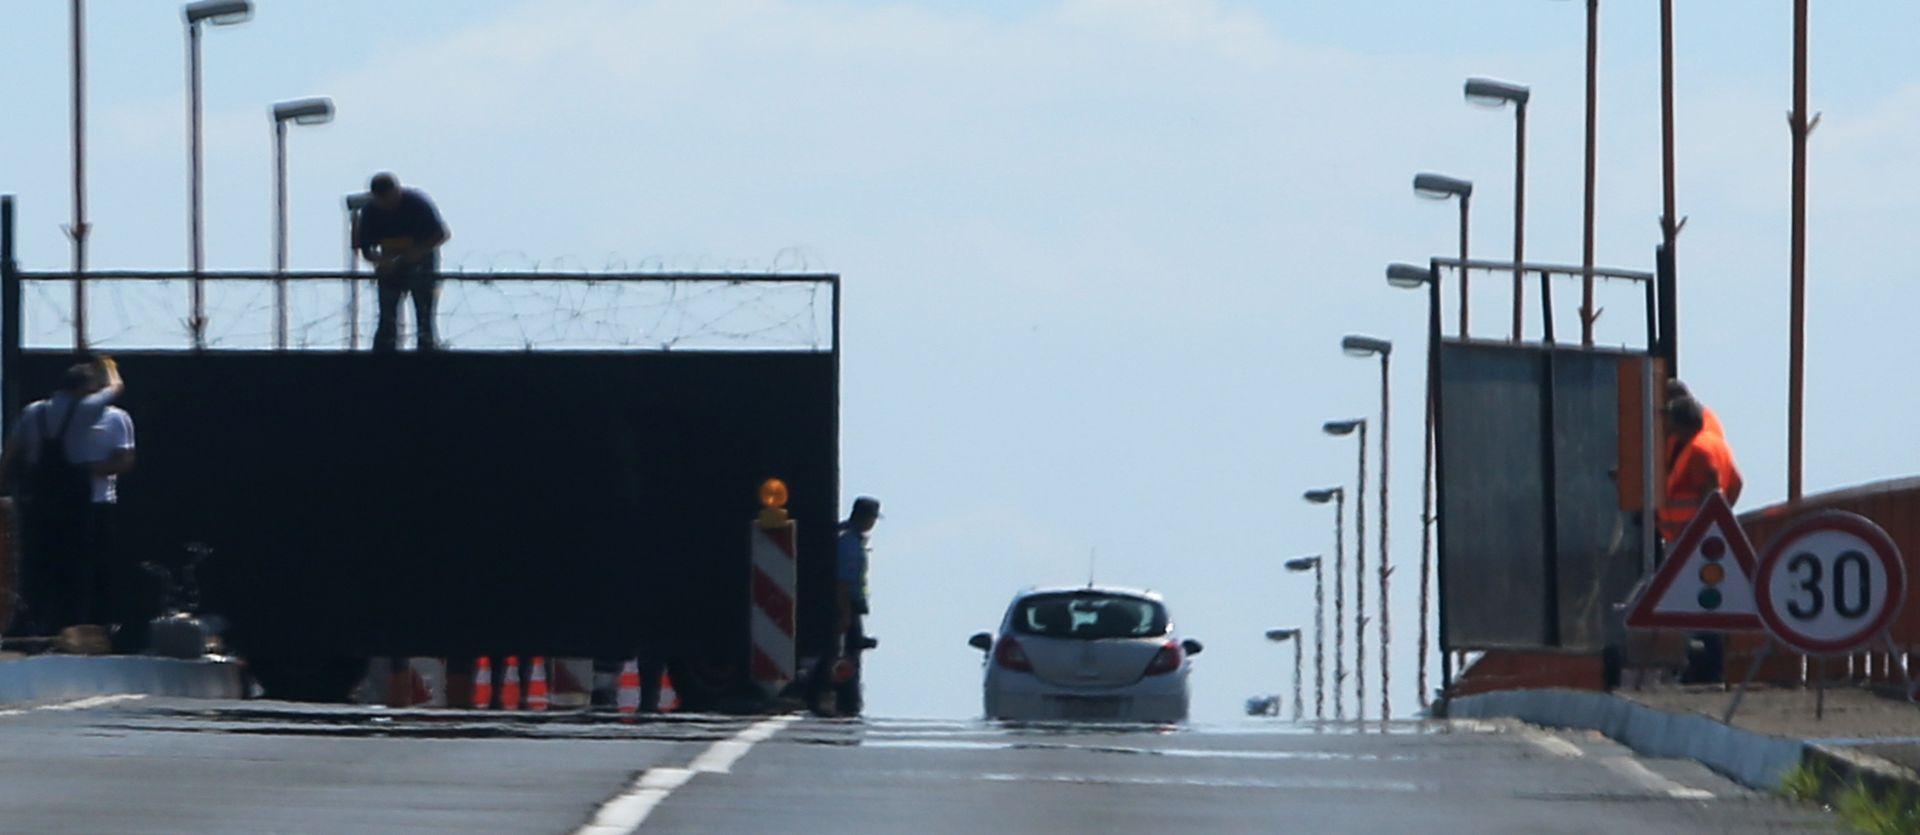 I HRVATSKA PODIŽE OGRADU: MUP potvrdio postavljanje tehničkih prepreka na prijelazu Batina